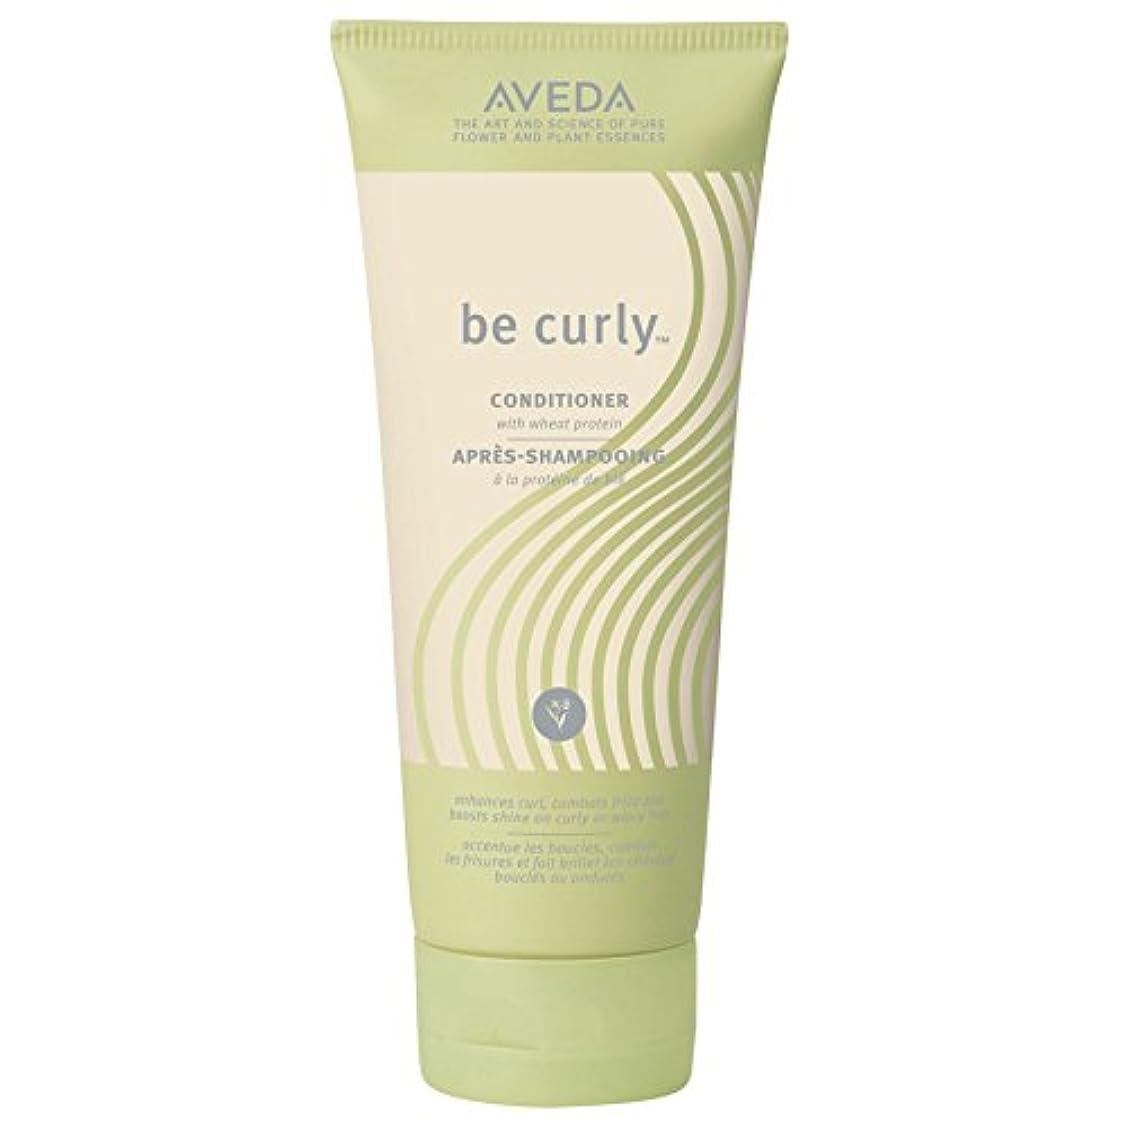 感謝している覚えている有効化[AVEDA] アヴェダカーリーコンディショナー200Mlこと - Aveda Be Curly Conditioner 200ml [並行輸入品]